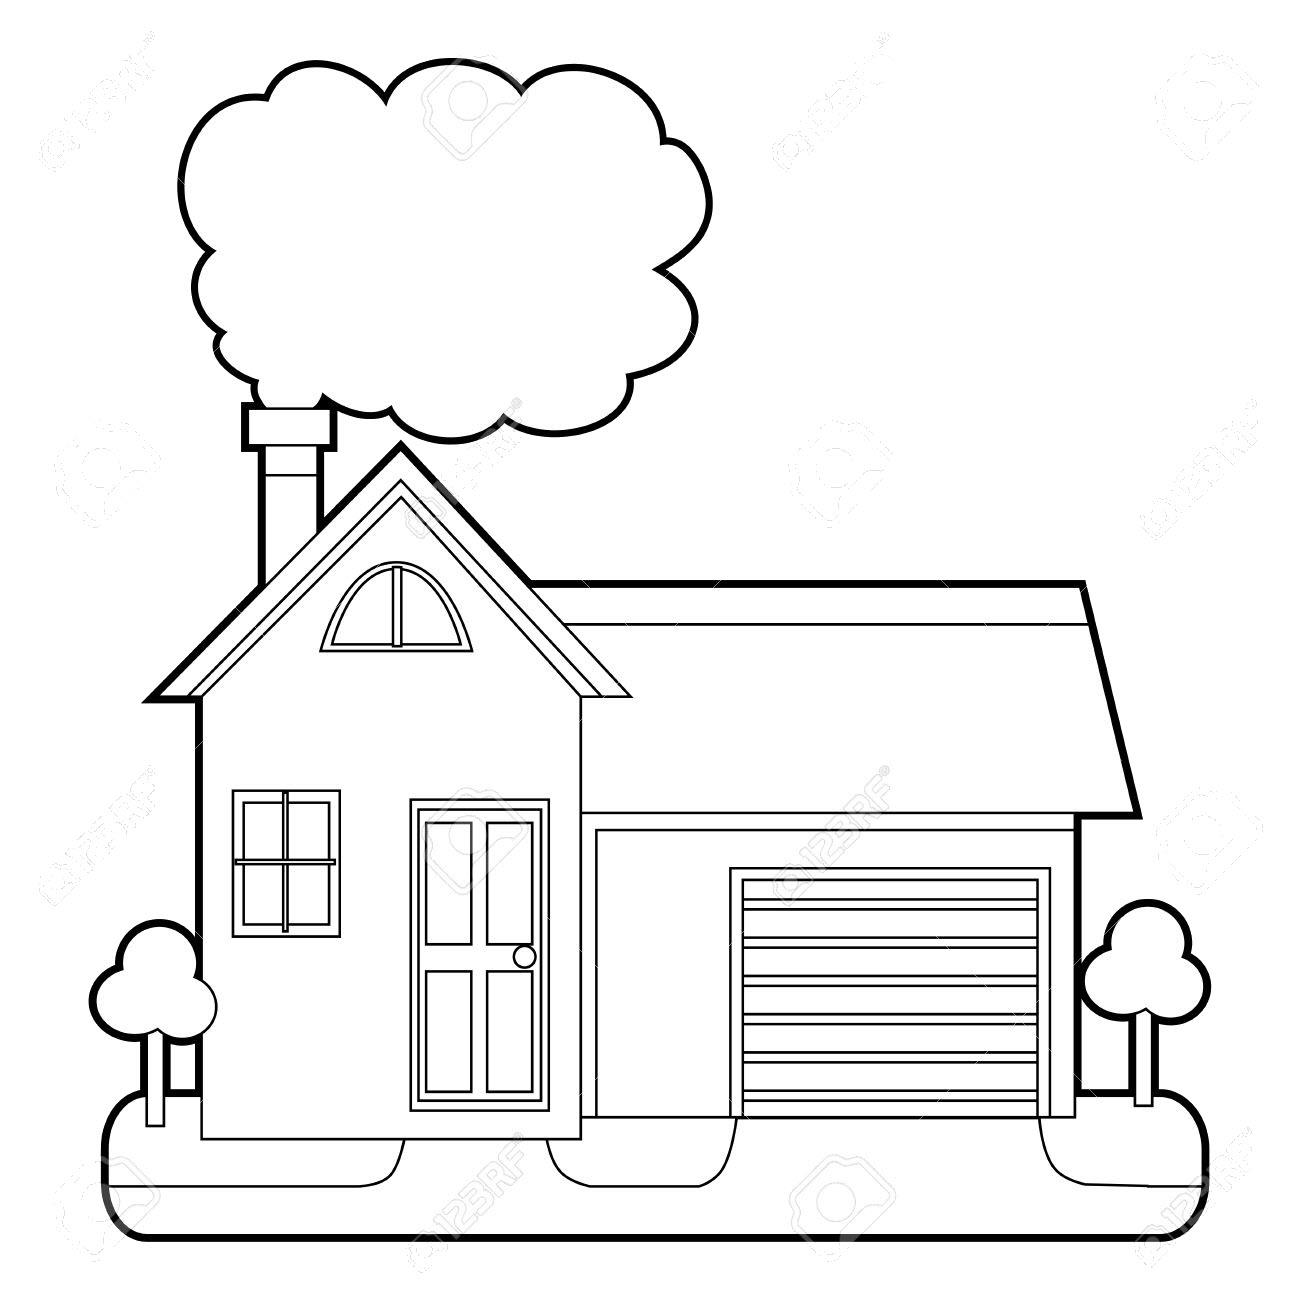 Tranh ngôi nhà đẹp cho bé tô màu